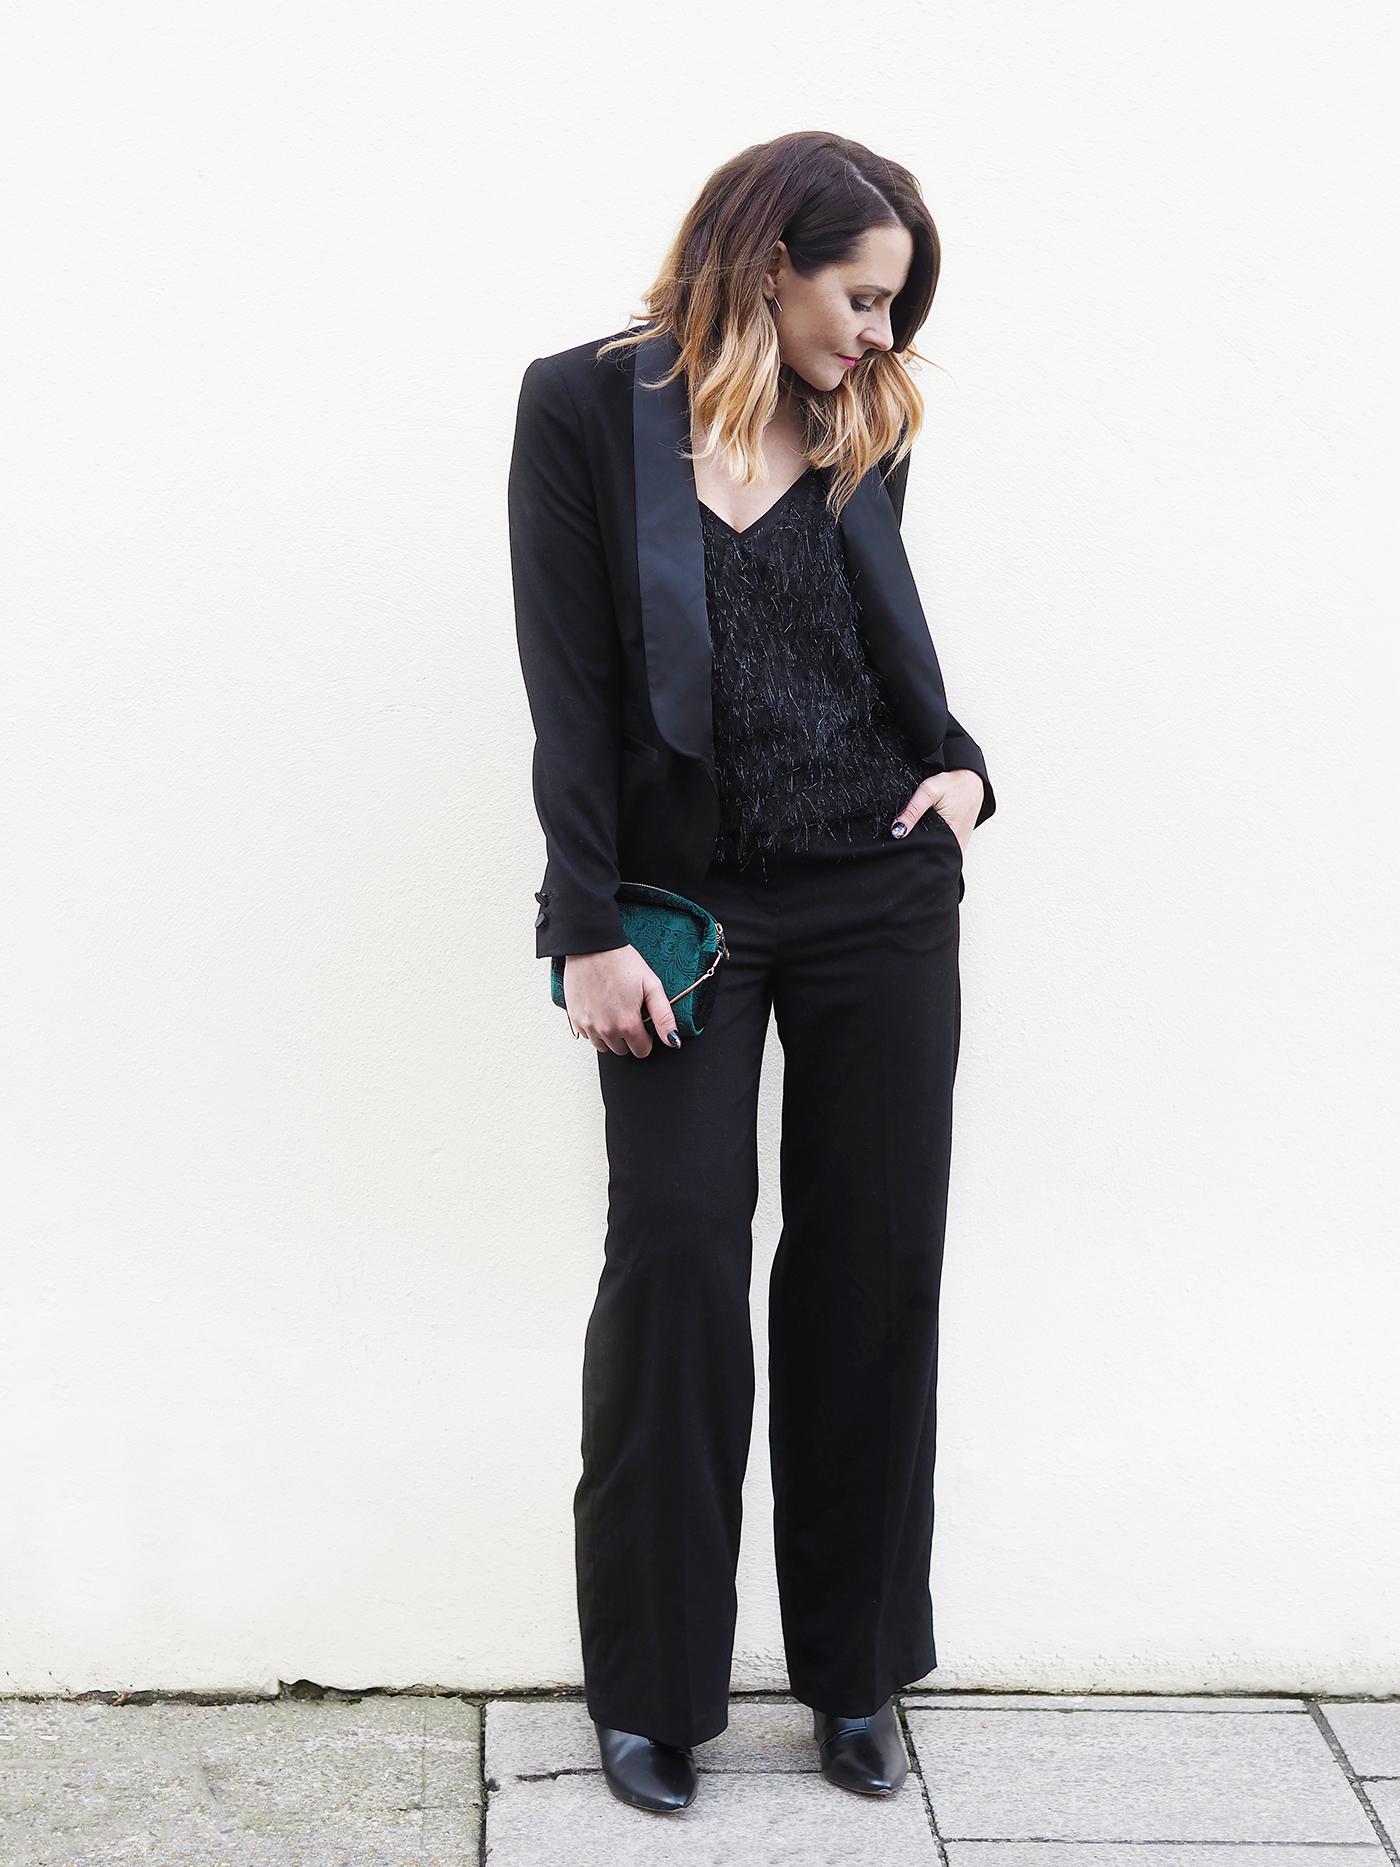 black tux suit next